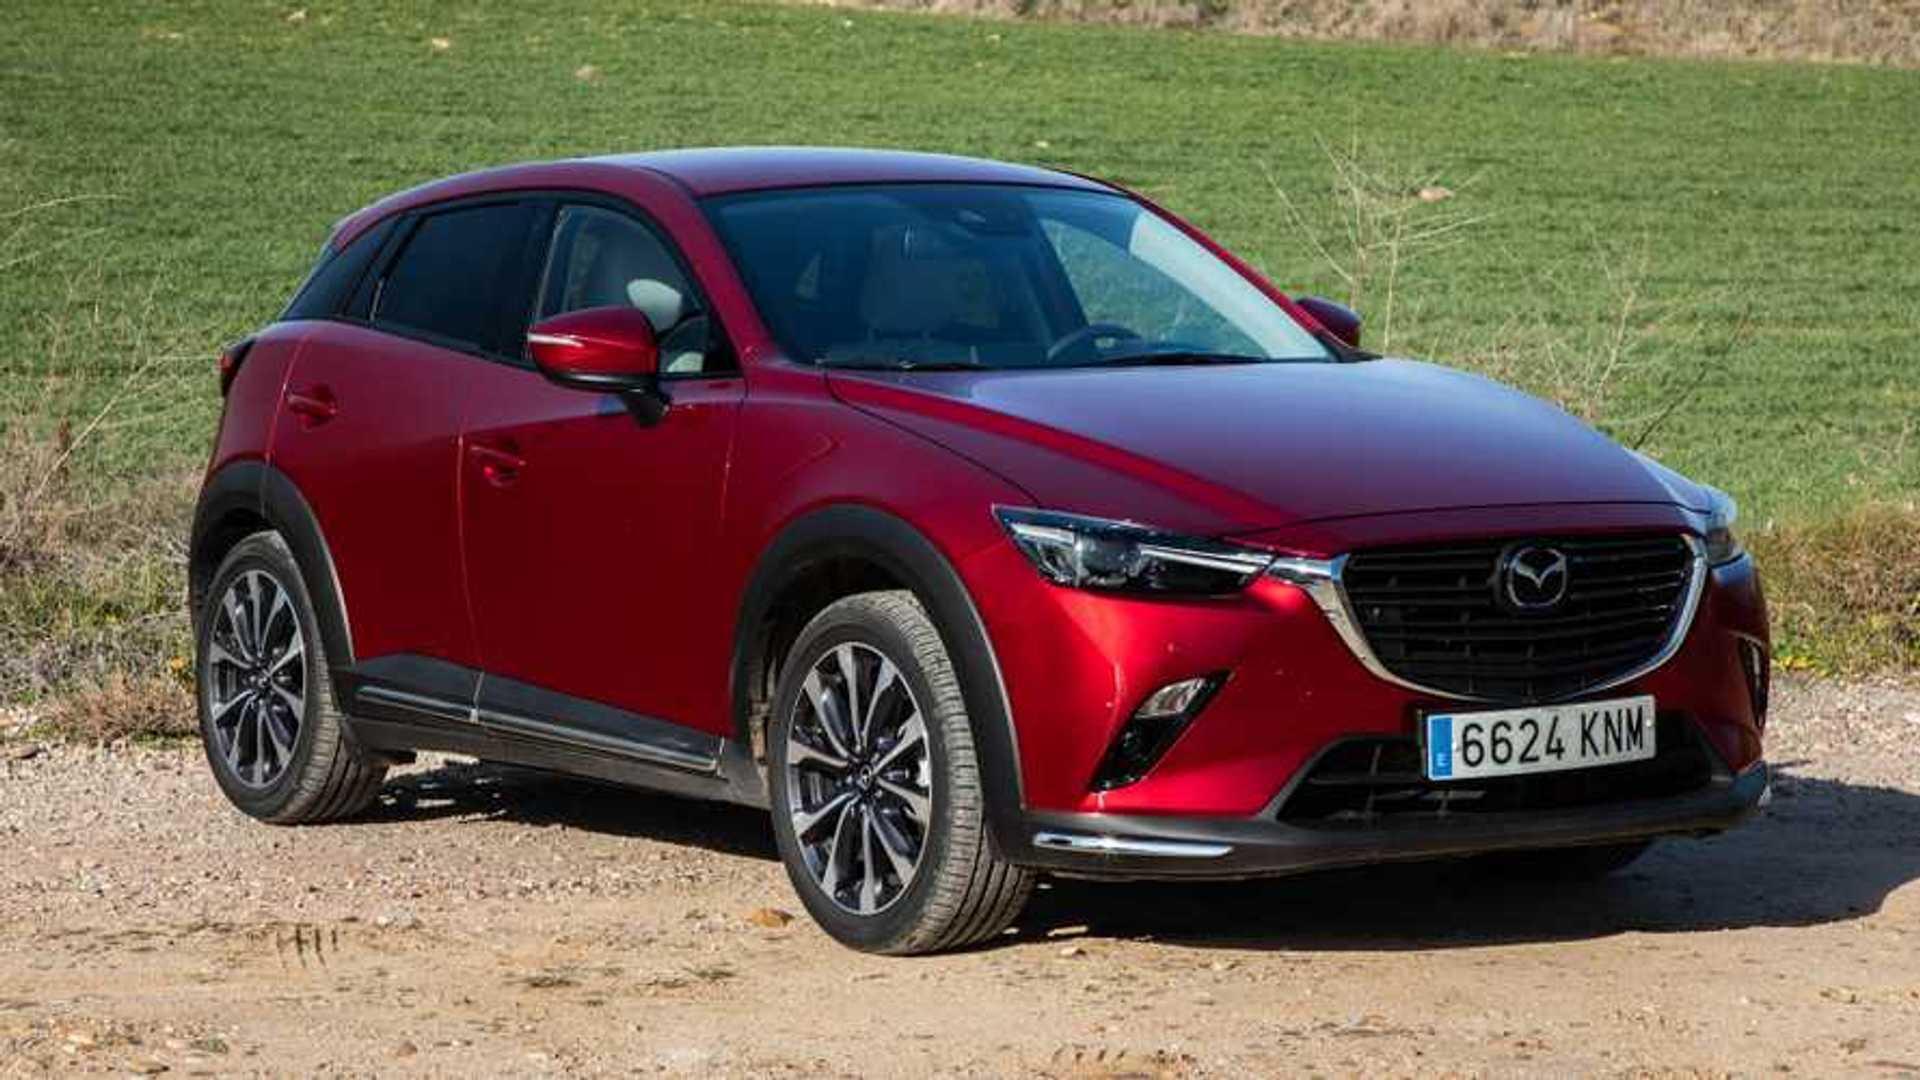 Mazda Cx 3 2019 Probamos La Convincente Version De Acceso En Gasolina